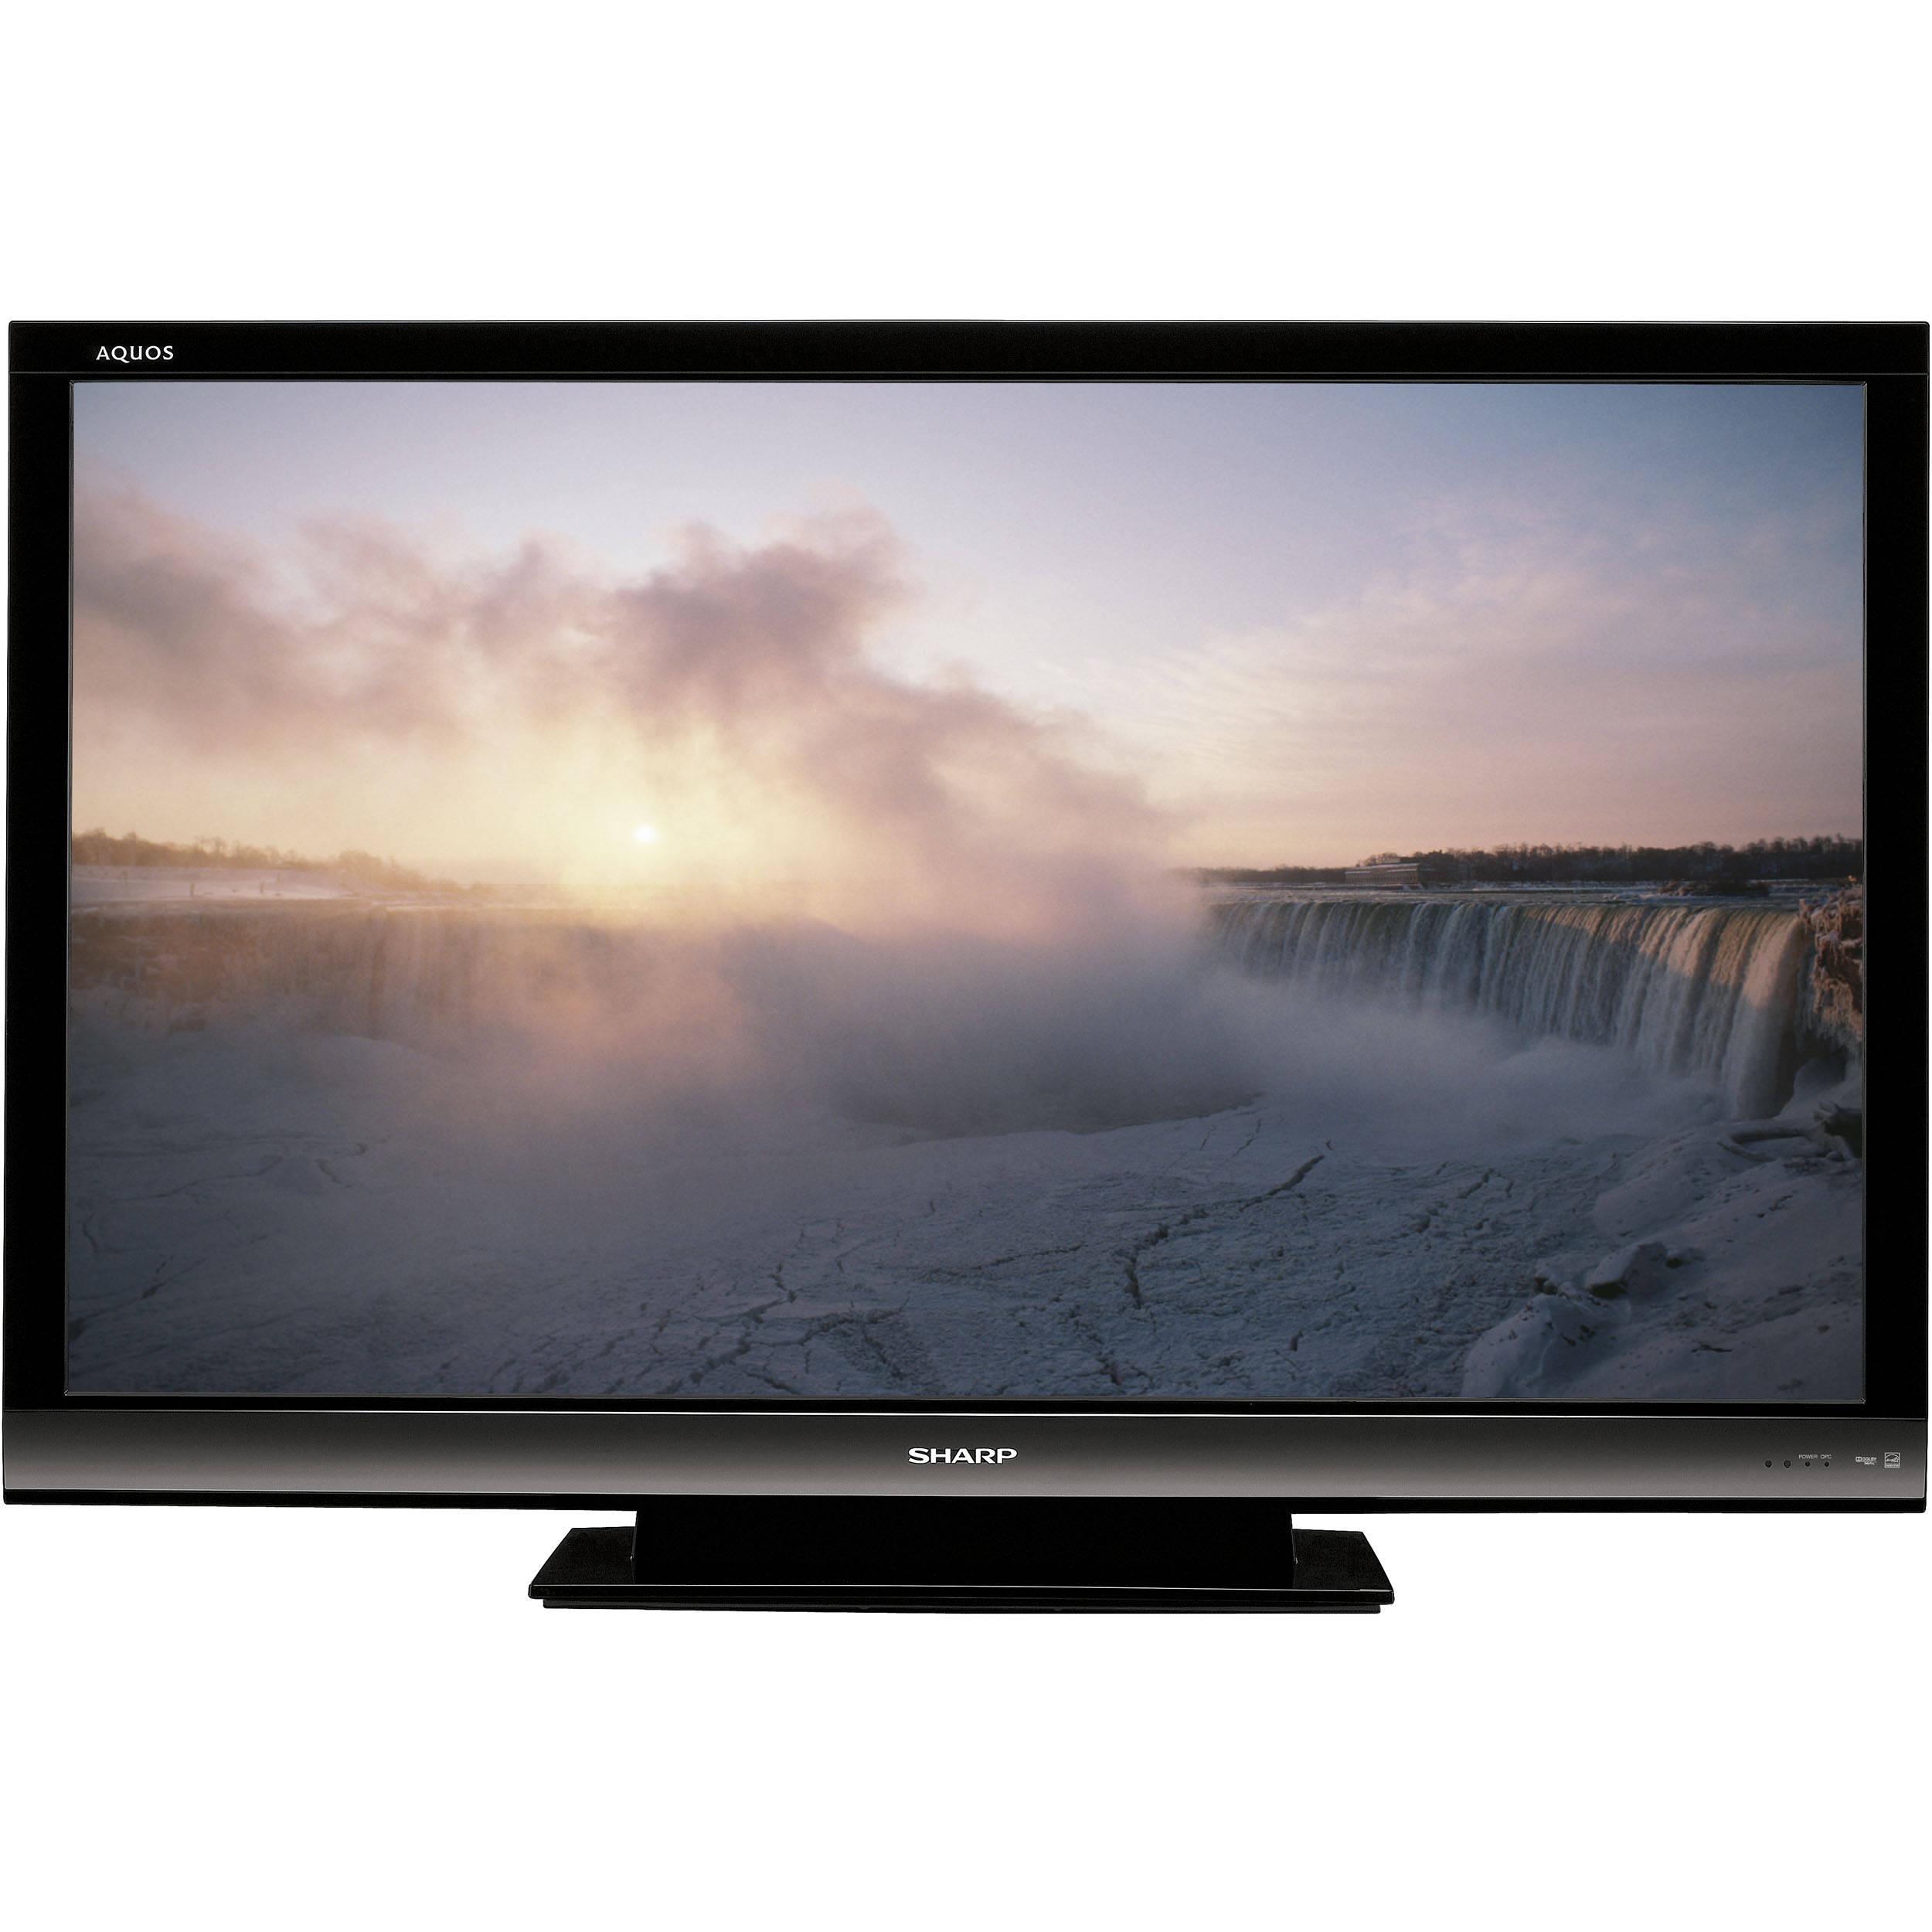 sharp flat screen tv. sharp lc-60e88un 60\ flat screen tv